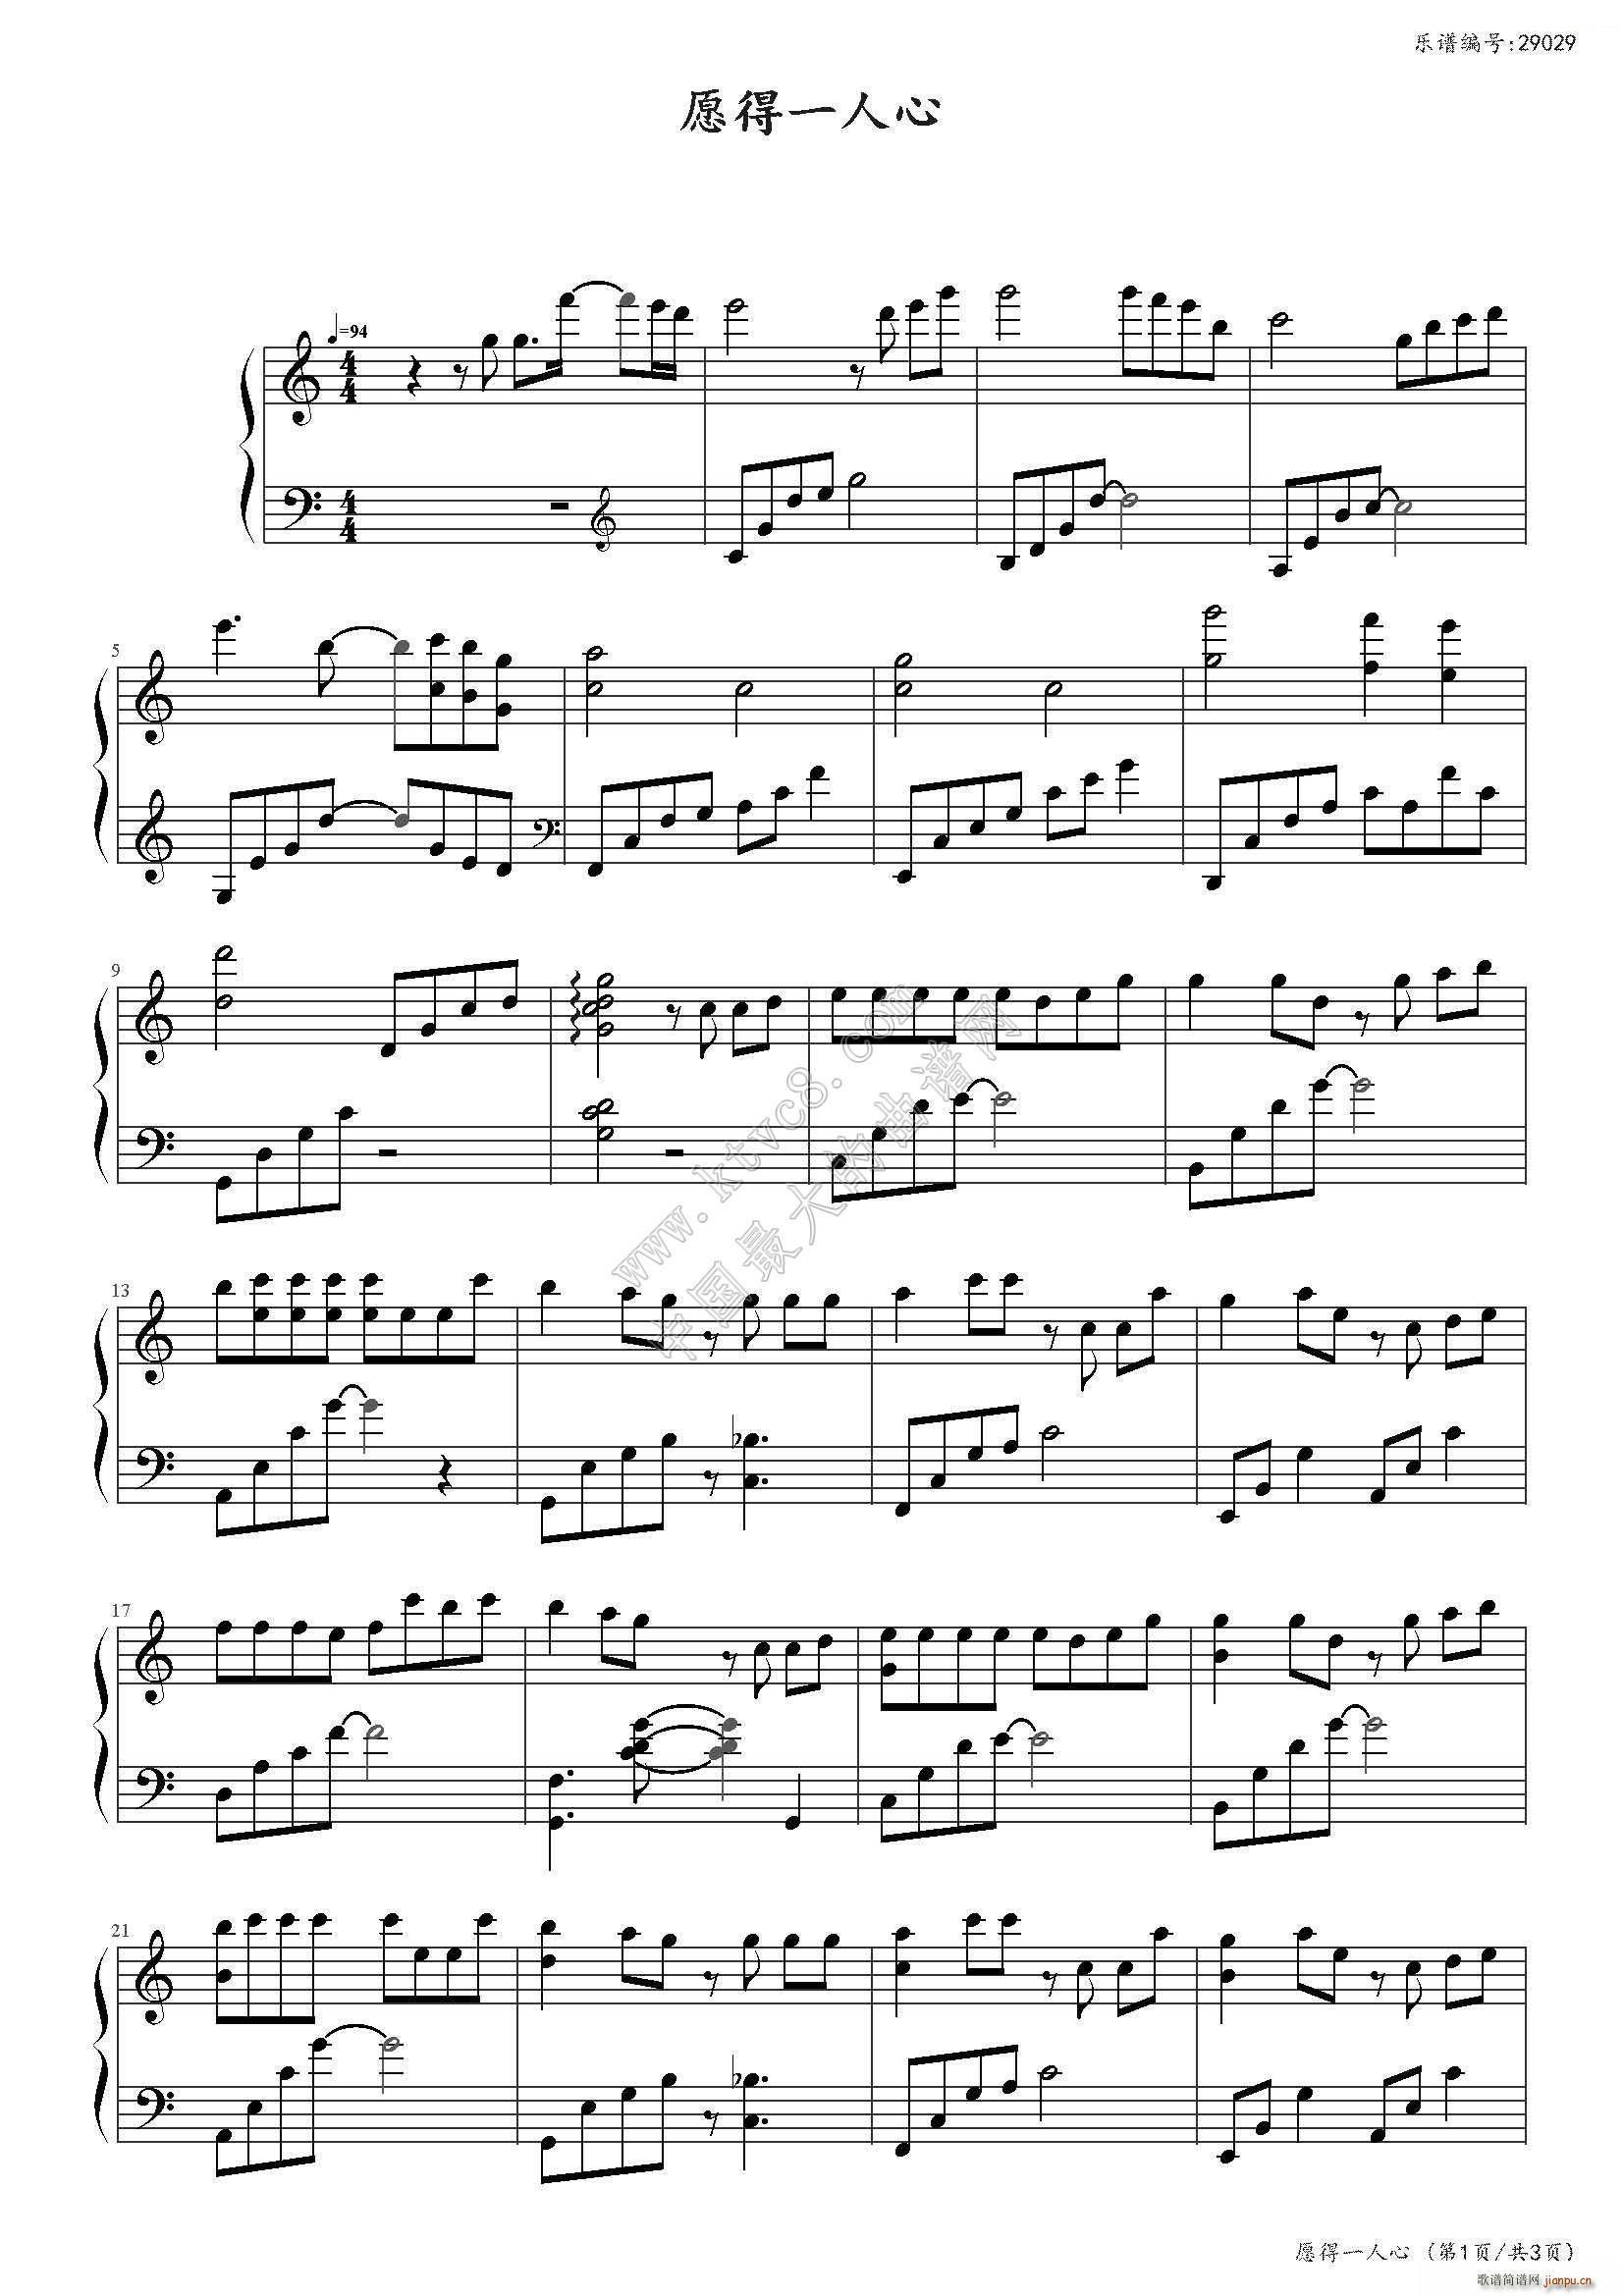 愿得一人心C调(钢琴谱)1